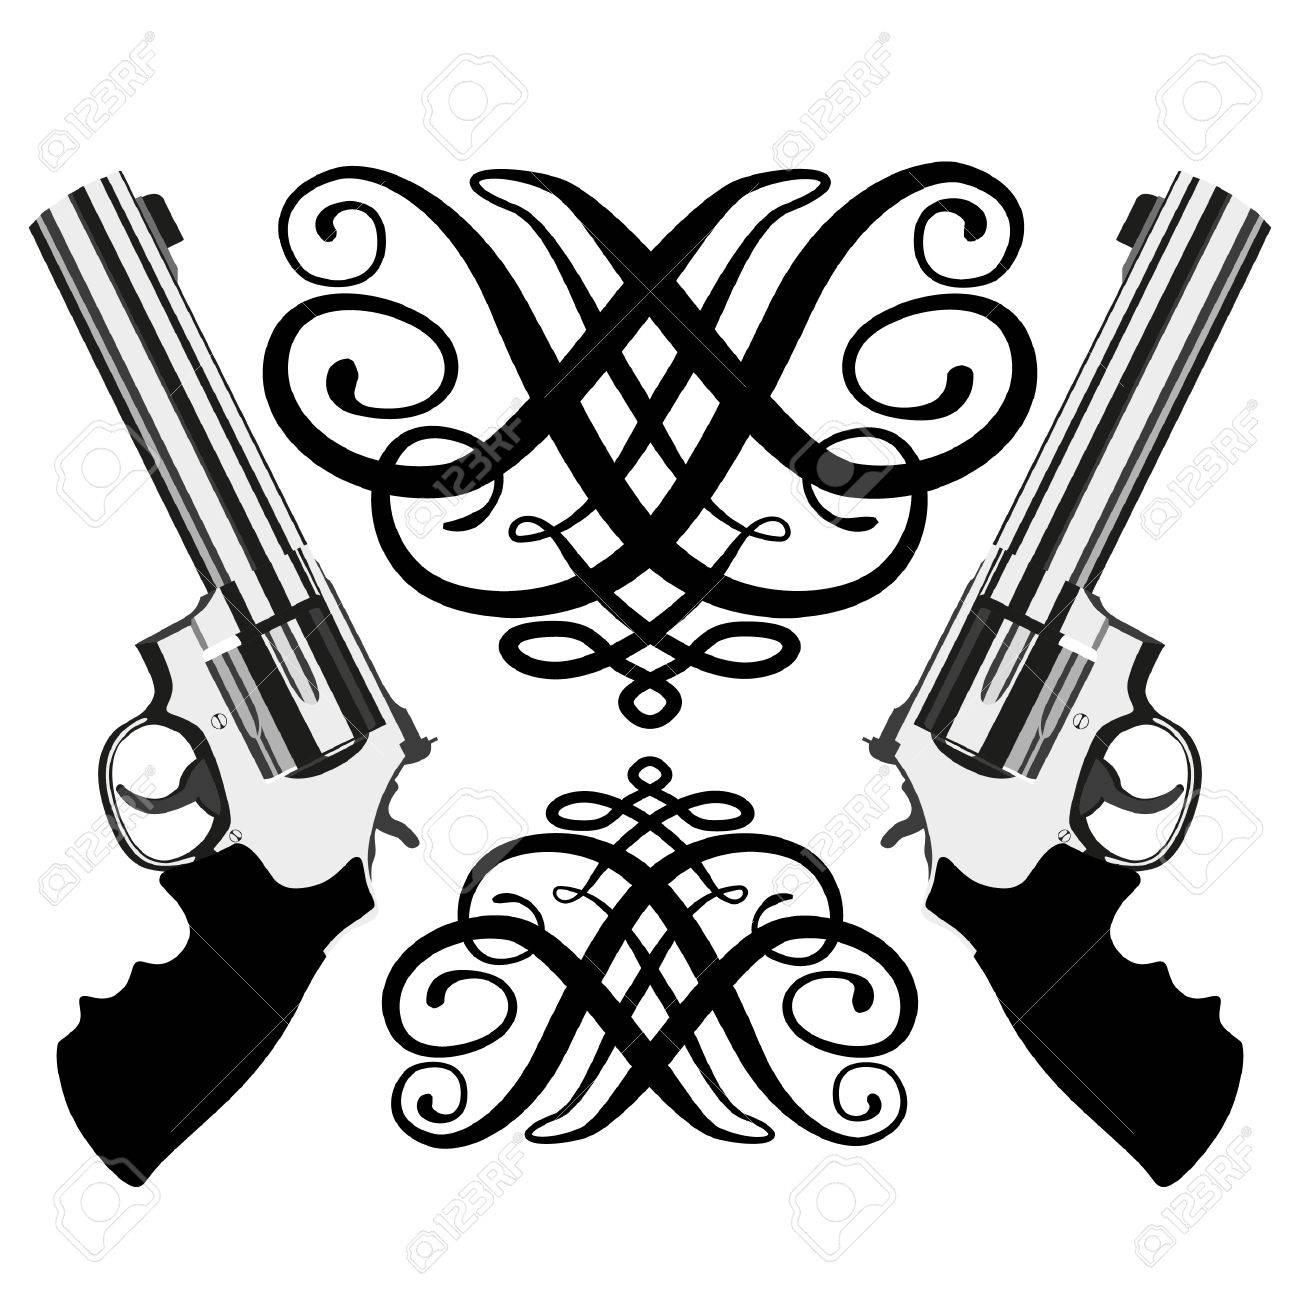 revolver magnum on white background (illustration) Stock Vector - 8301722